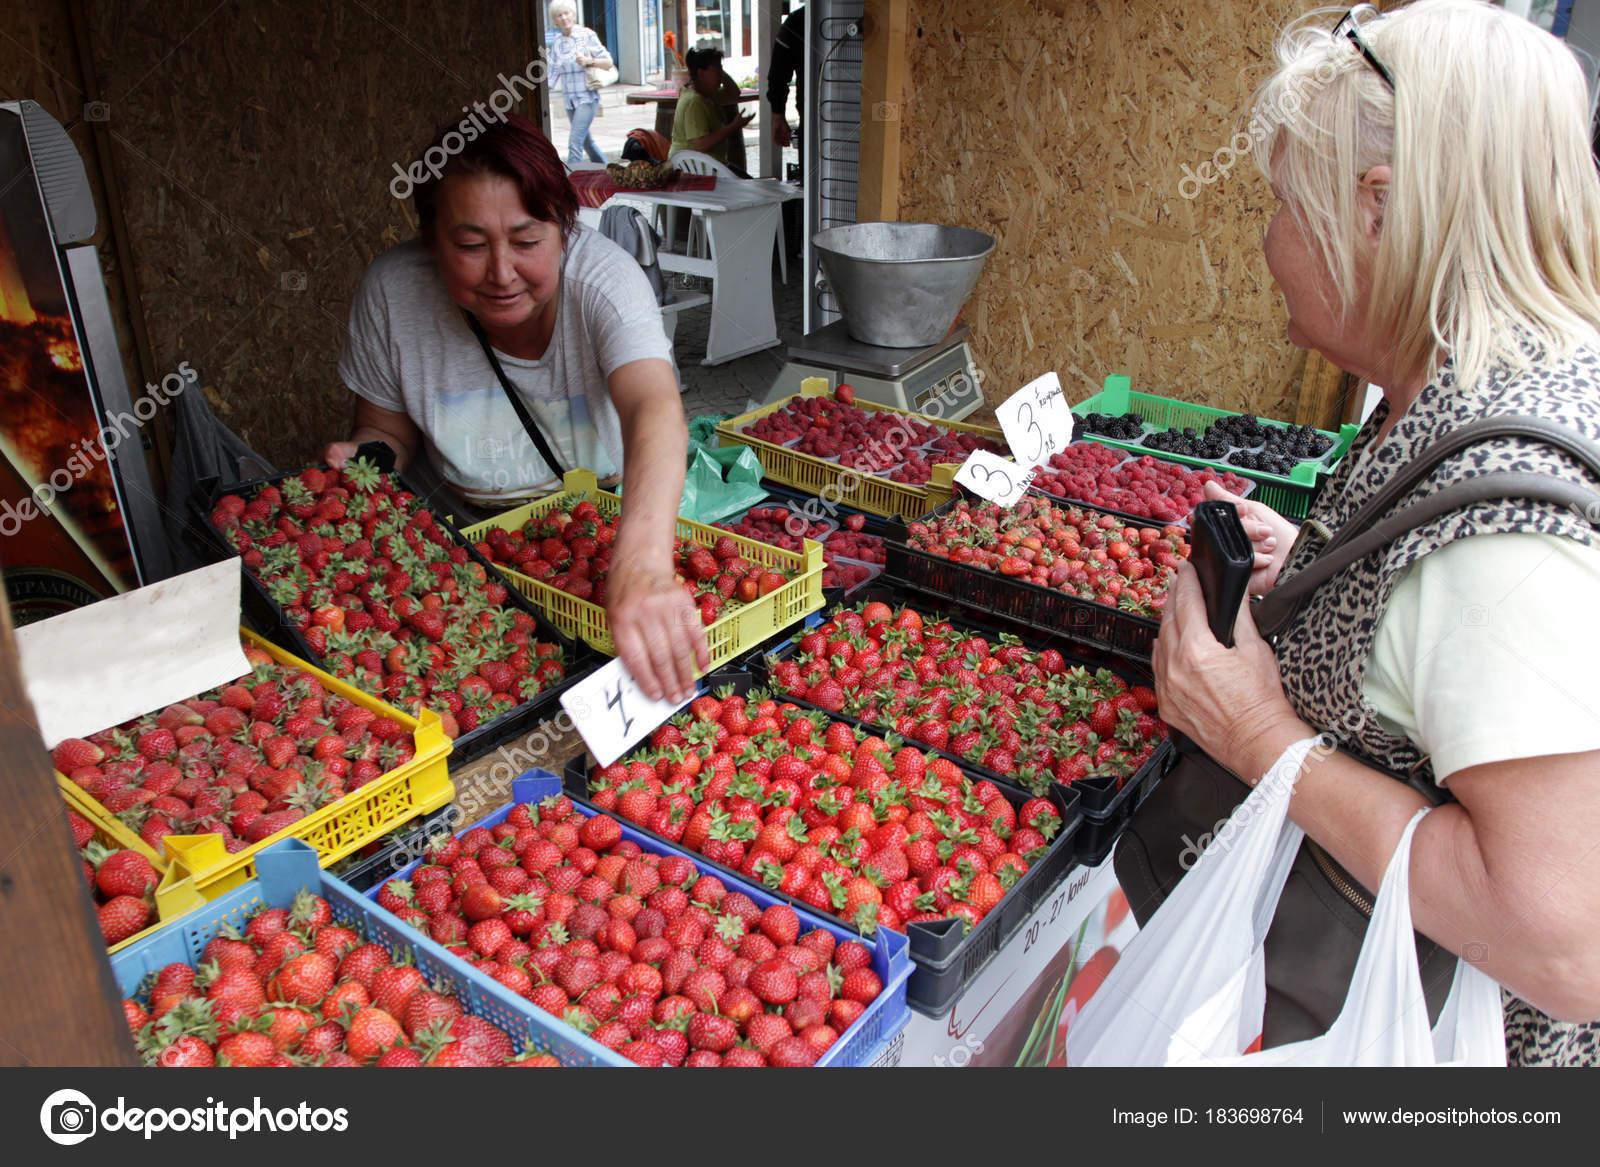 People Buy Strawberries Berries Farmers Organic Fruit Market